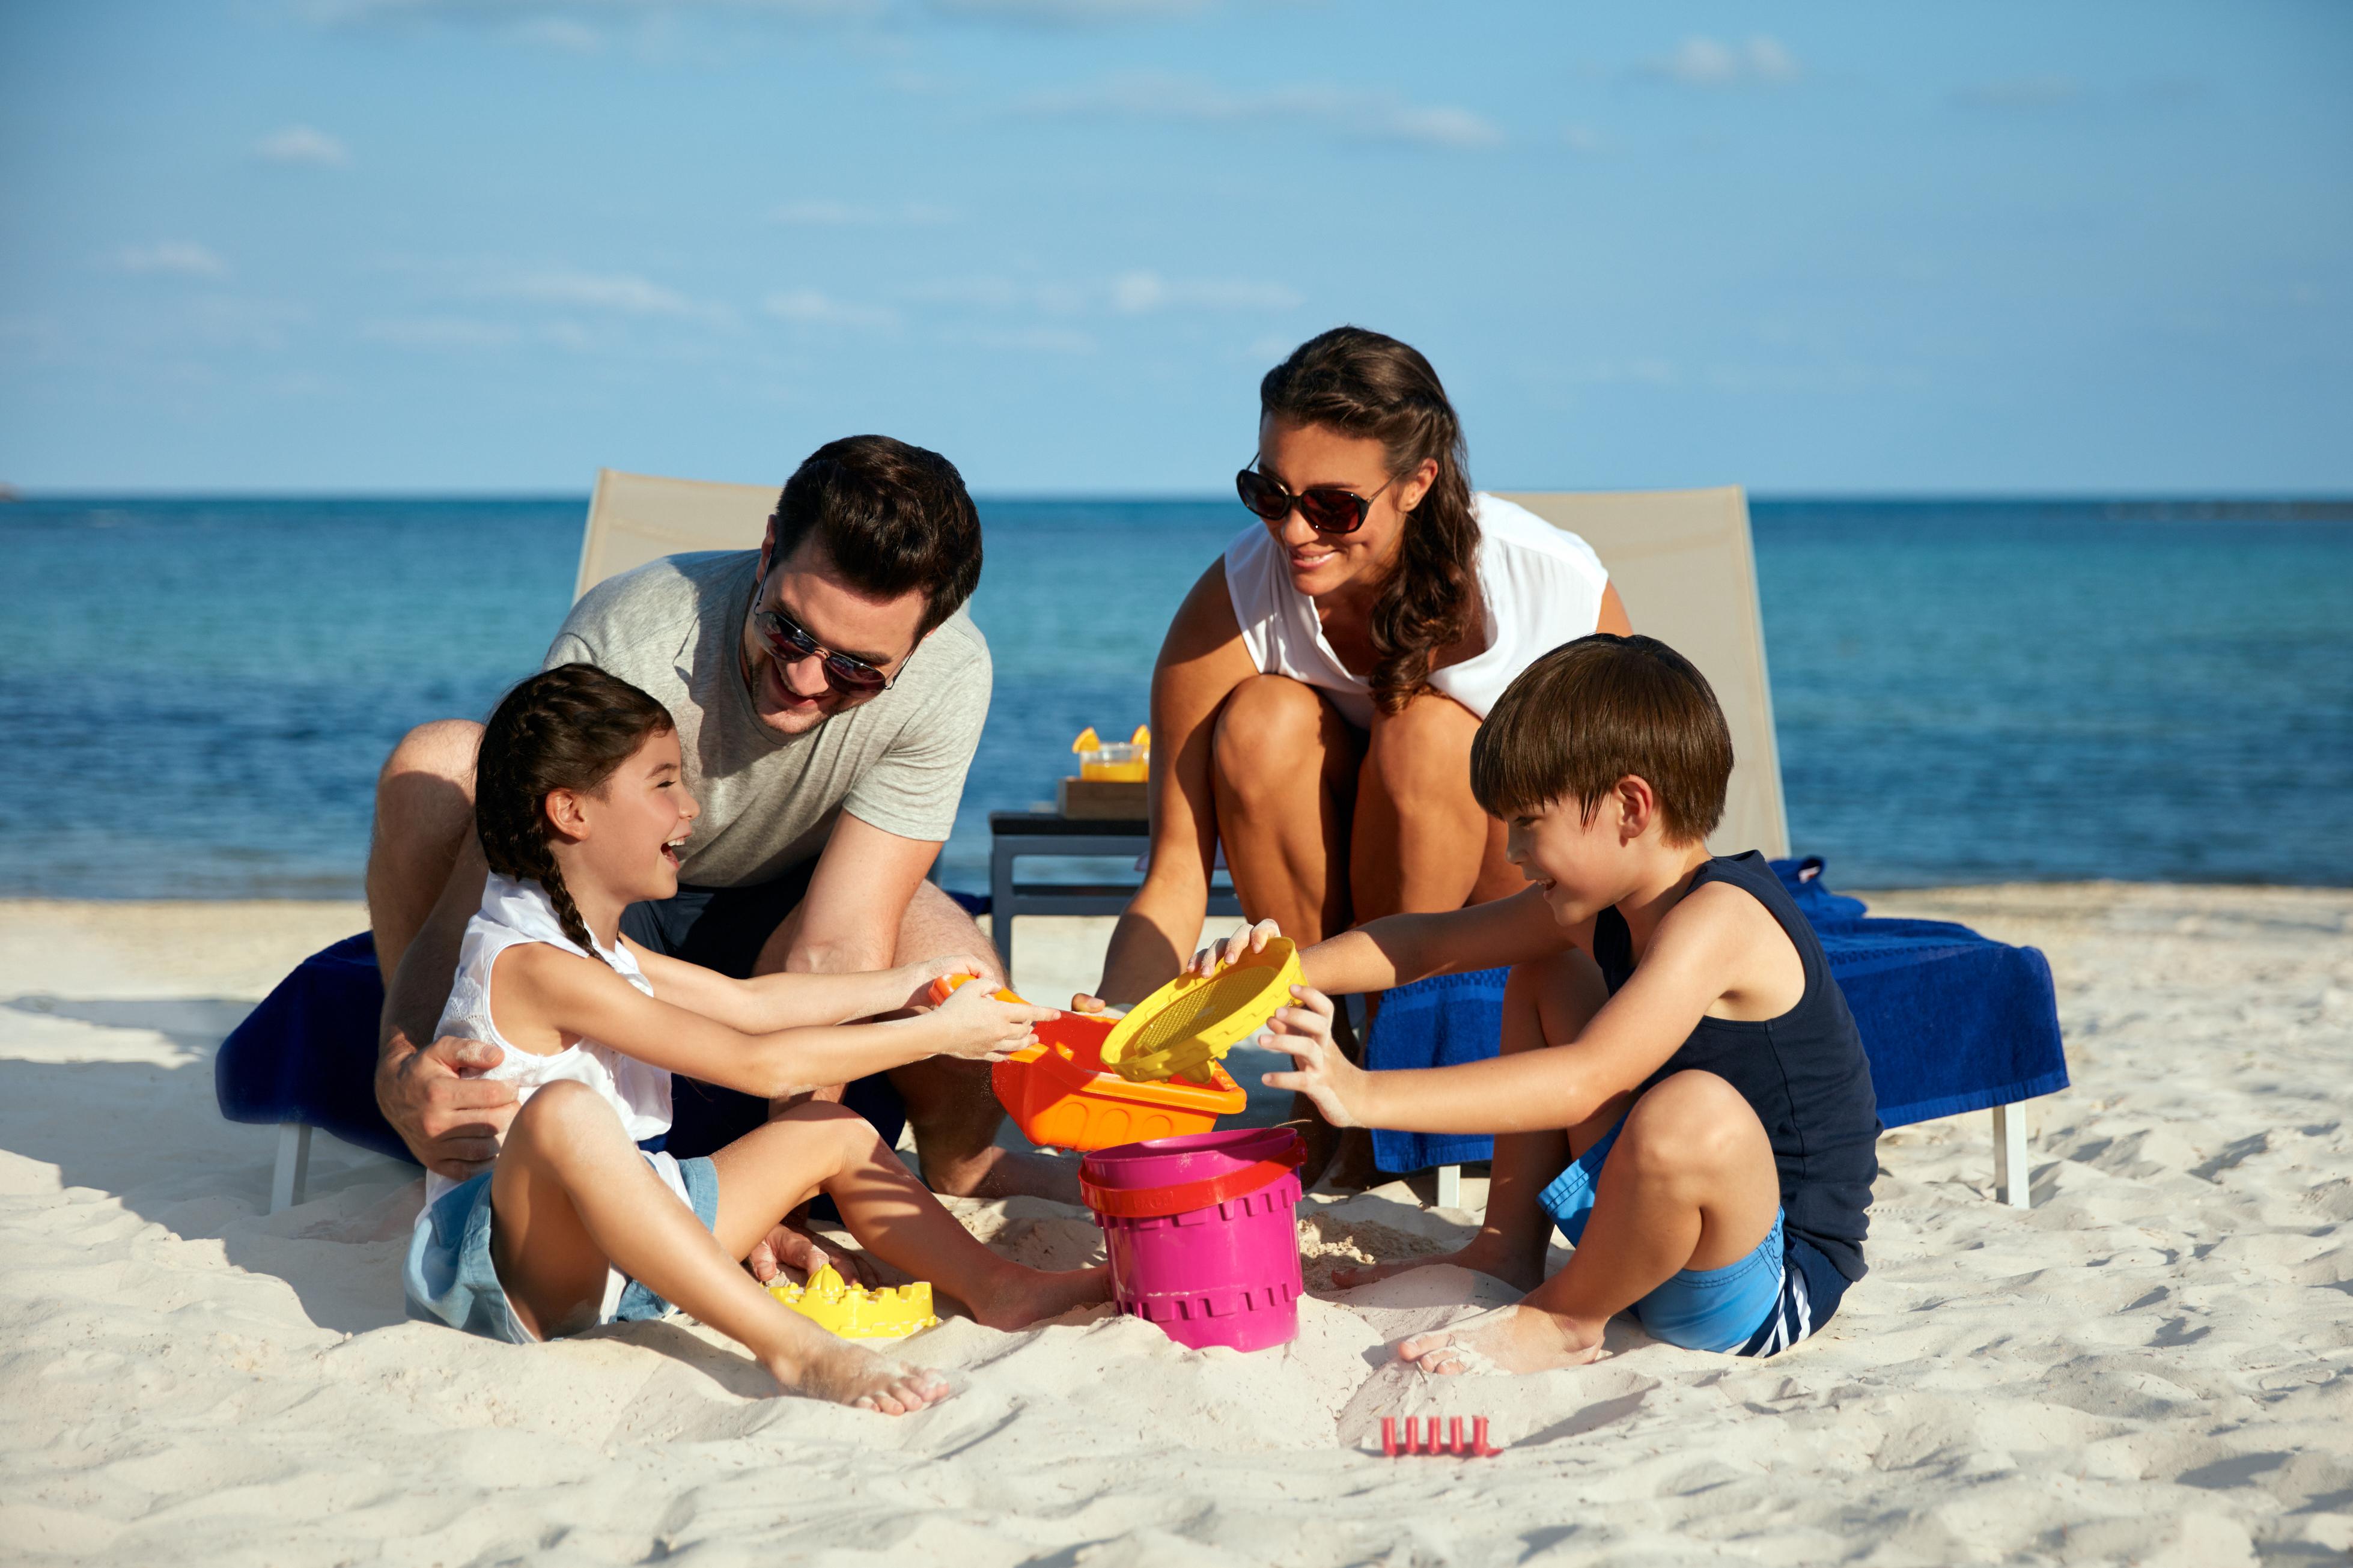 阿瑪瑞度假酒店最適合親子遊的五大原因